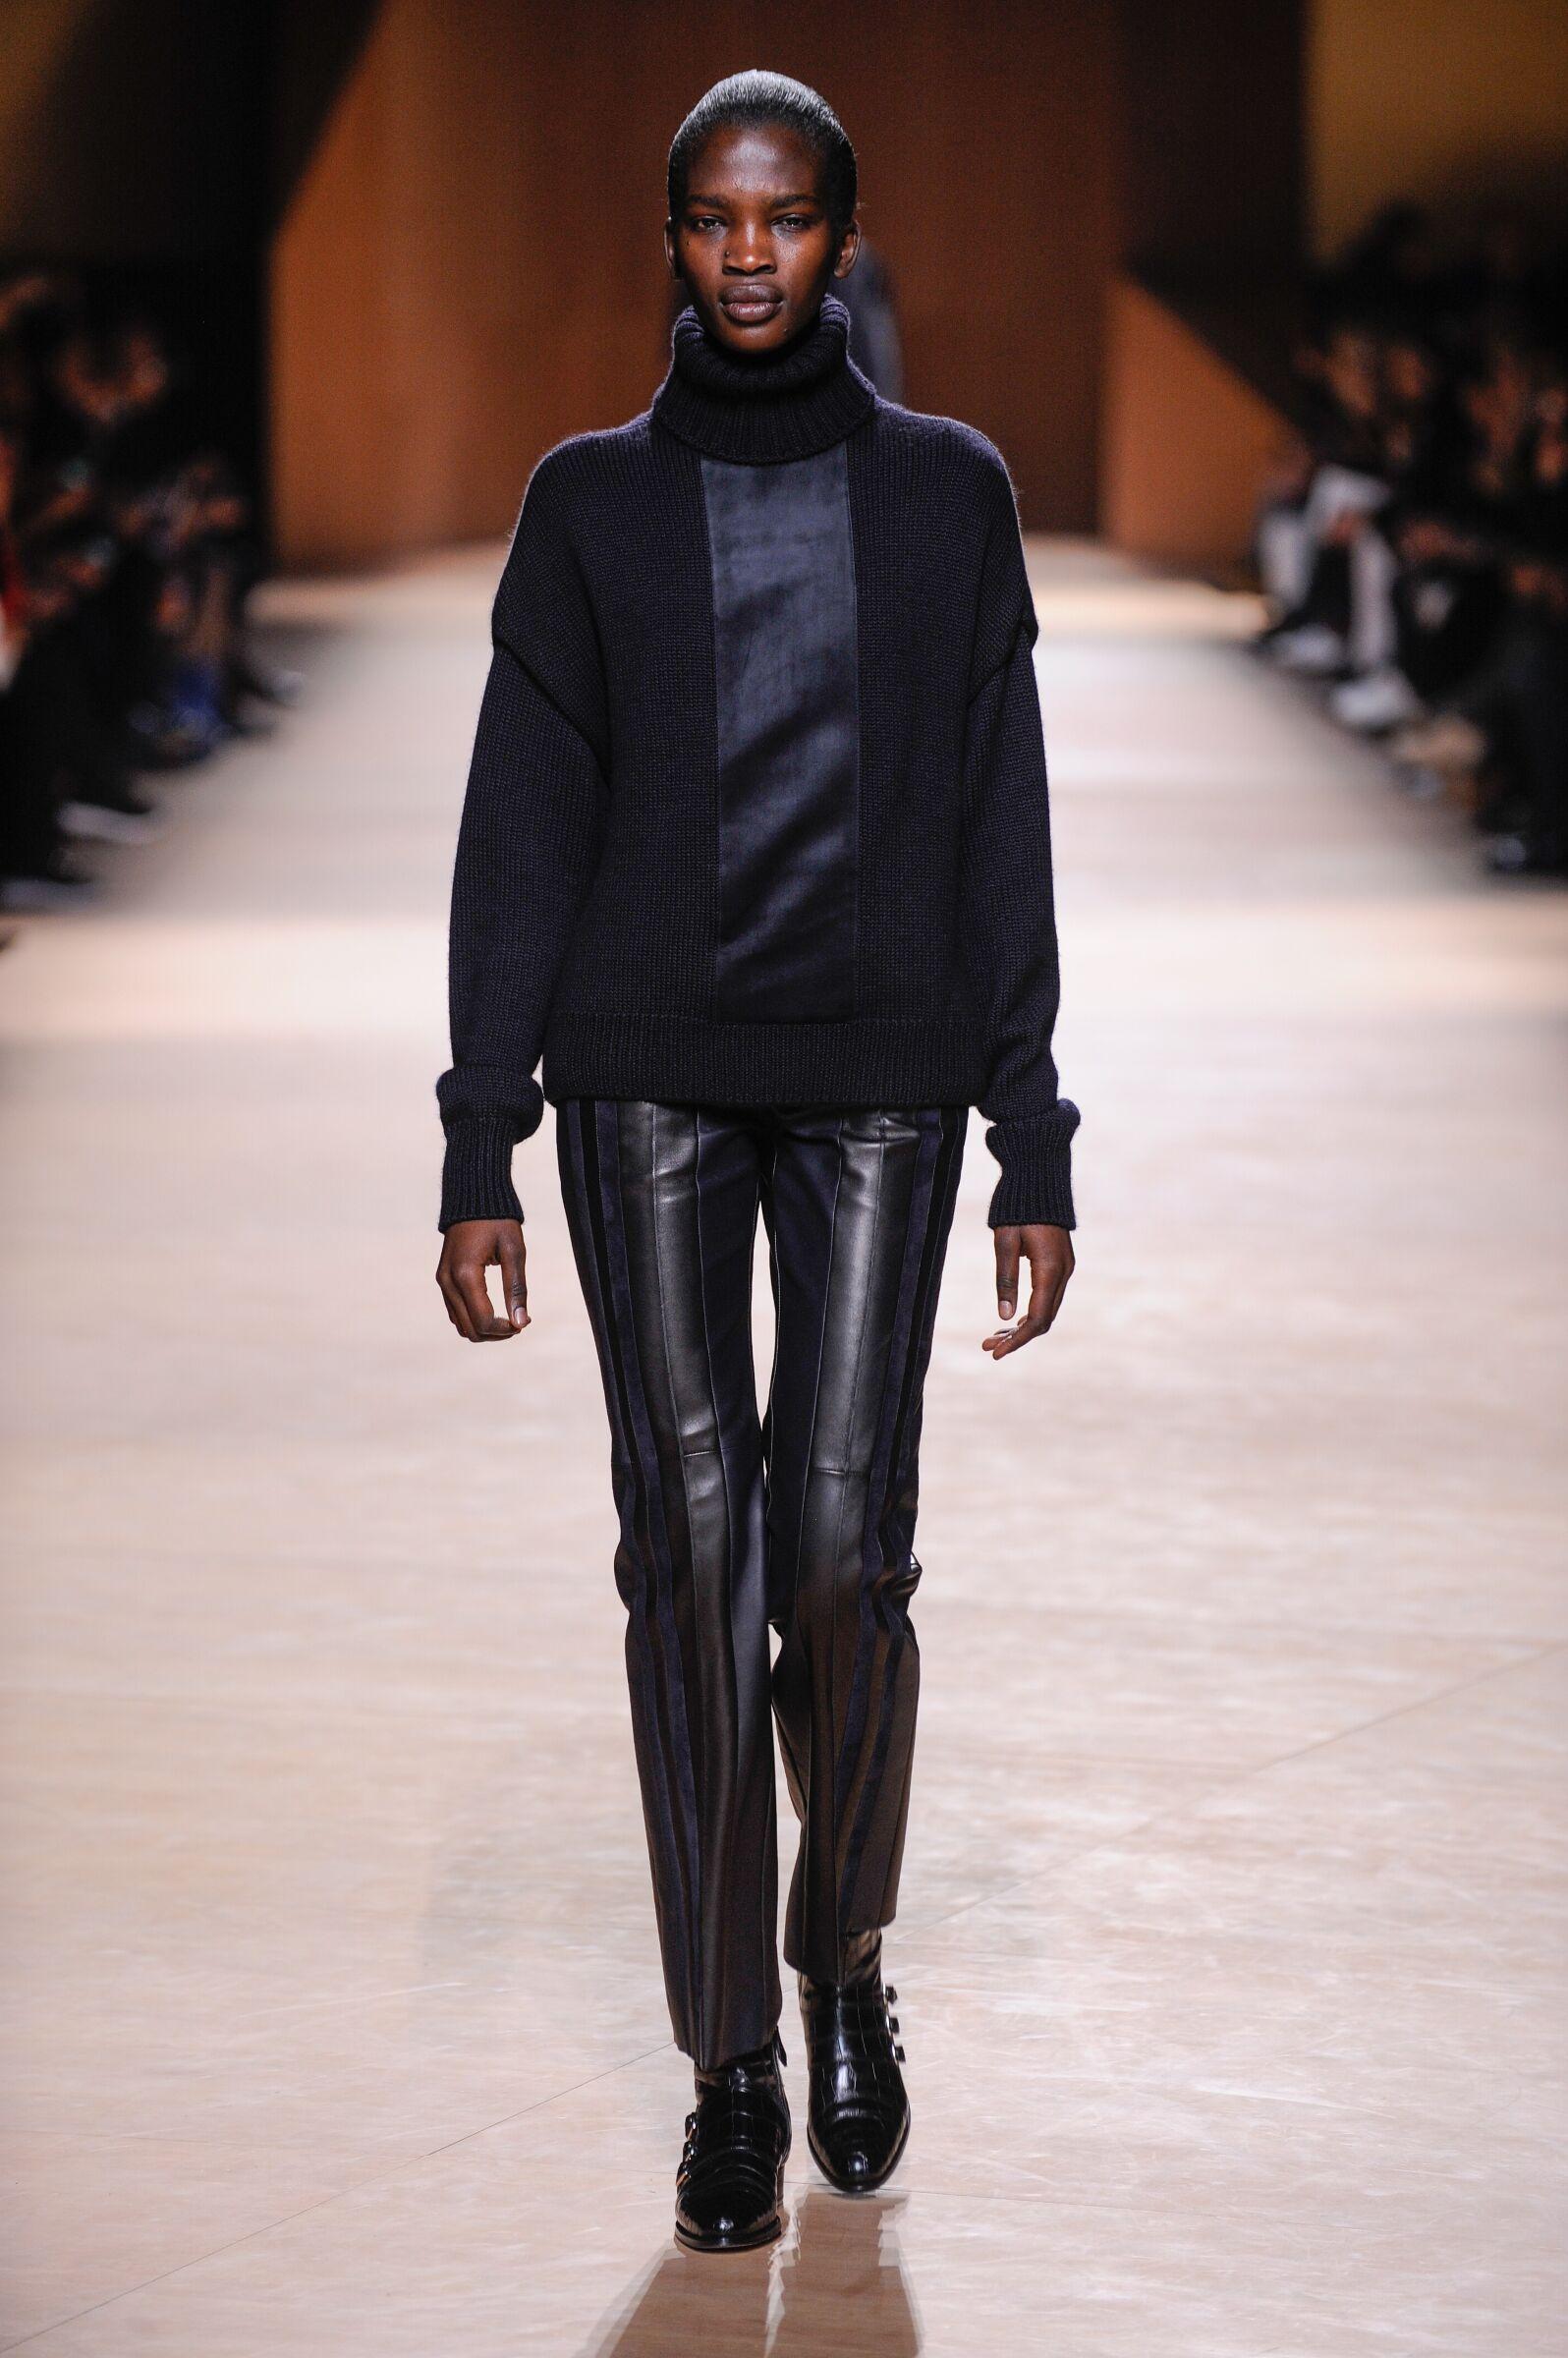 2016 Fall Fashion Woman Hermès Collection